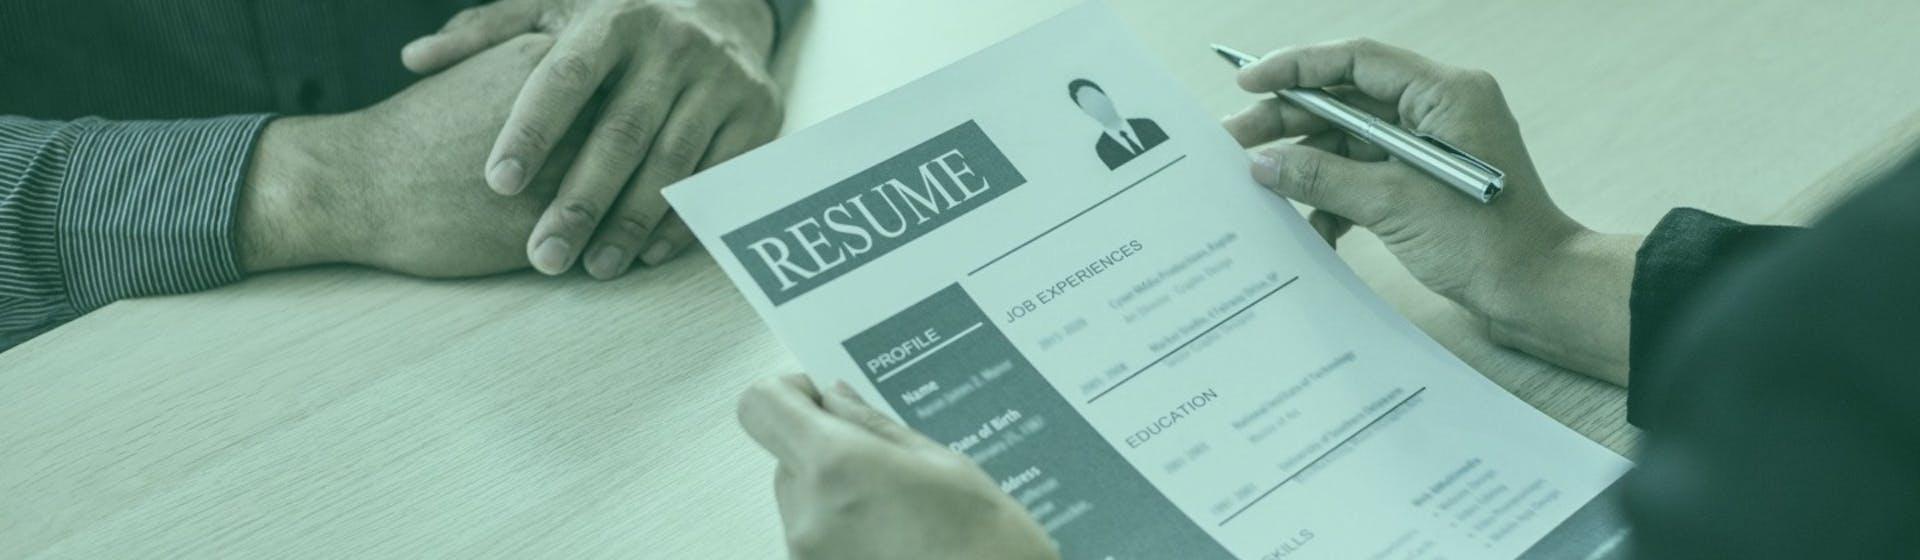 Job interviews: ¿cómo preparar entrevistas en inglés? 7 respuestas claves para 7 preguntas comunes